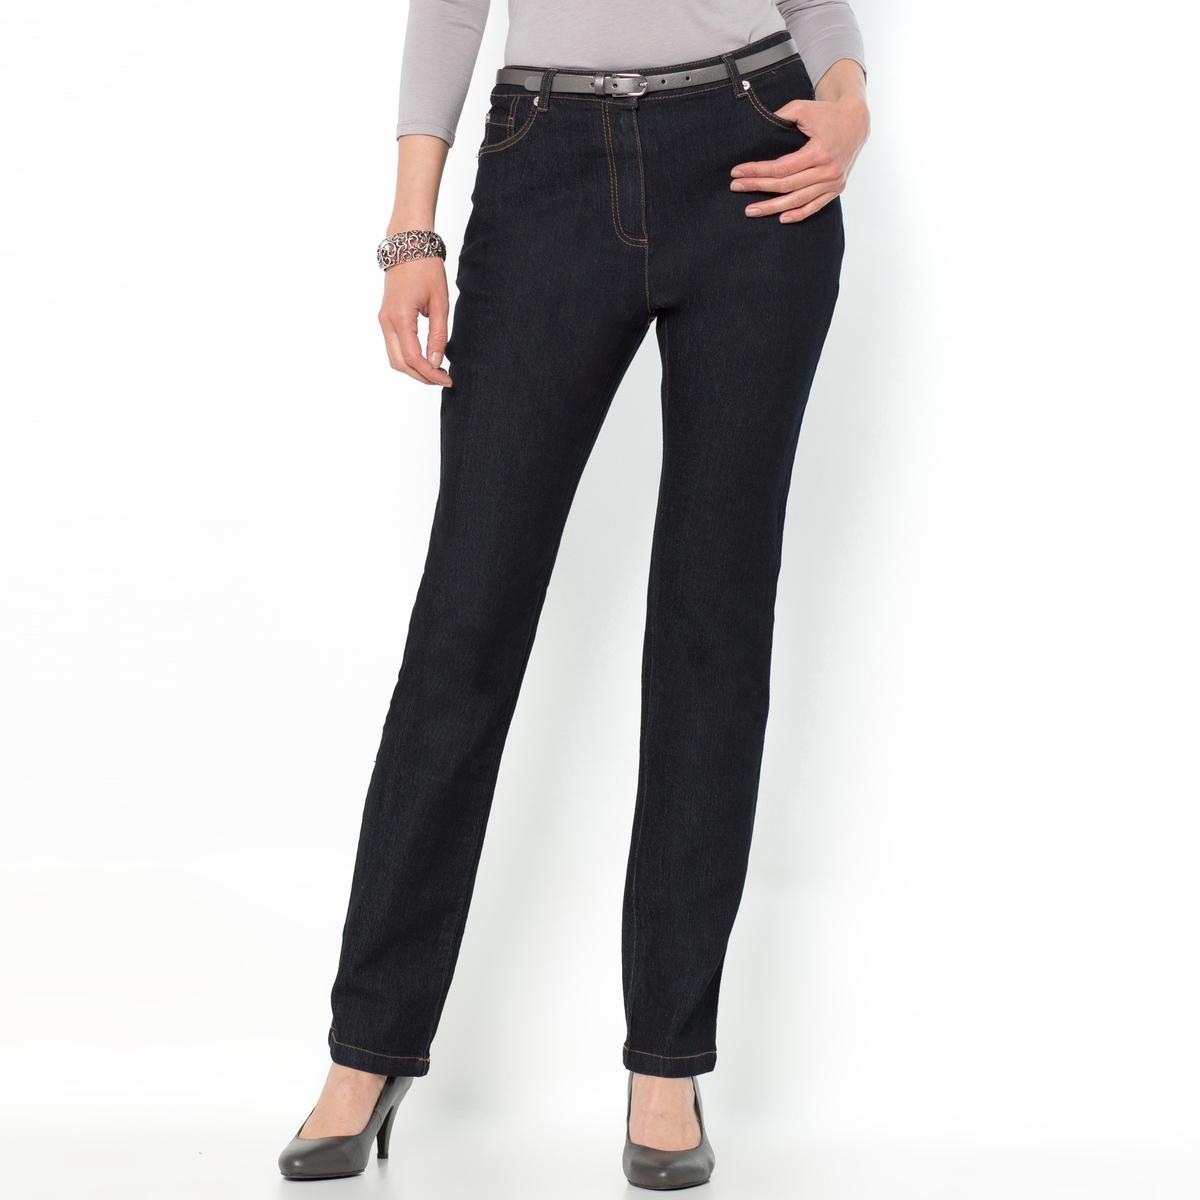 Джинсы прямого покроя из денима стретчДжинсы прямого покроя с 5 карманами из денима стретч. Ни слишком облегающий, ни слишком широкий покрой, джинсы подходят для любой фигуры и сочетаются со всеми стилями. Карманы с вышивкой сзади. Контрастная строчка.Состав и описание :Материал : деним стретч 73% хлопка, 26% полиэстера, 2% эластана. Длина по внутр.шву 78 см, ширина по низу 17 см.Марка : Anne WeyburnУход :Машинная стирка при 30 °С в умеренном режиме с изнаночной стороны с вещами схожих цветов.Гладить при умеренной температуре с изнаночной стороны.<br><br>Цвет: темно-синий,черный<br>Размер: 40 (FR) - 46 (RUS).48 (FR) - 54 (RUS).50 (FR) - 56 (RUS).52 (FR) - 58 (RUS).40 (FR) - 46 (RUS).44 (FR) - 50 (RUS).46 (FR) - 52 (RUS).50 (FR) - 56 (RUS)